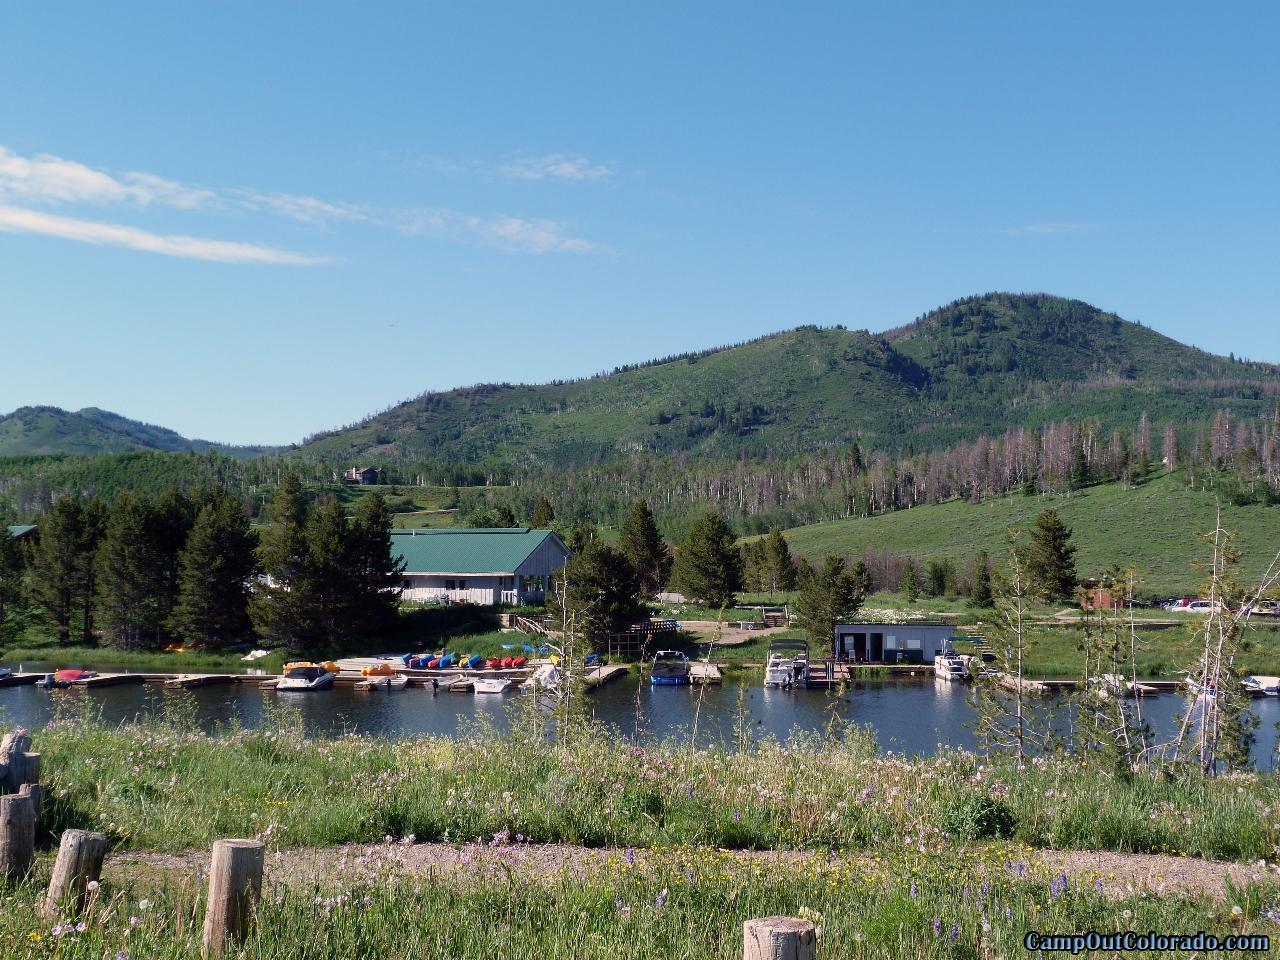 camp-out-colorado-steamboat-lake-marina